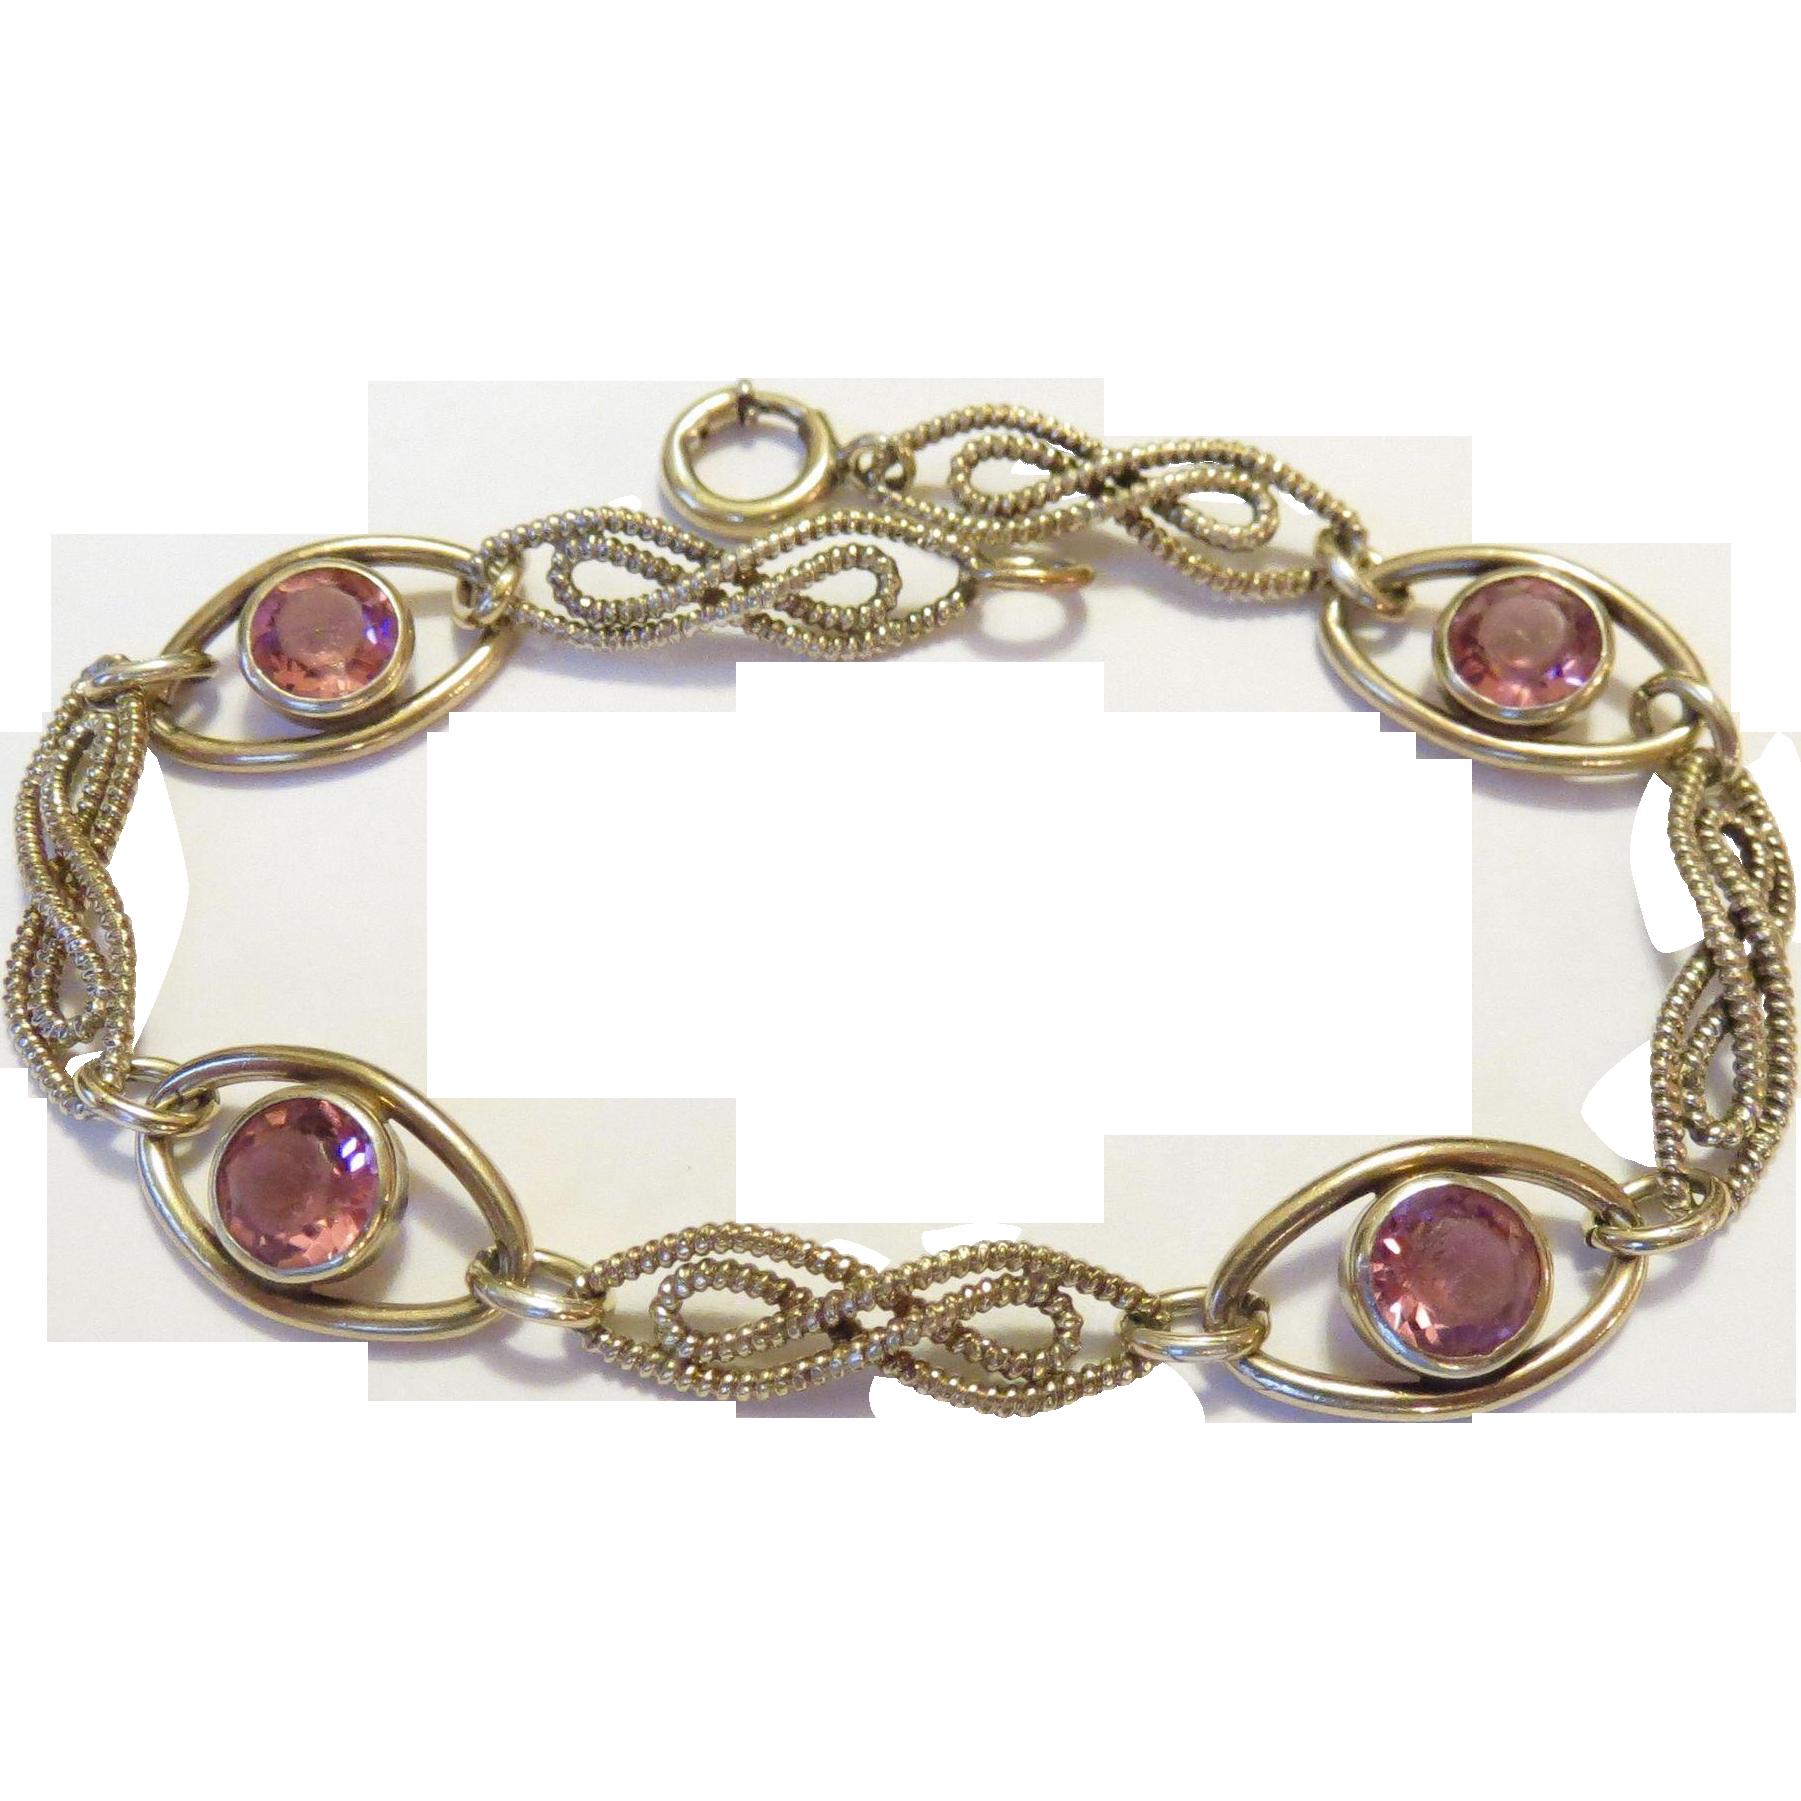 Fancy 40s Gold Filled Pink Crystal Station Bracelet - Signed 'STURDY 12KT Gold Filled'